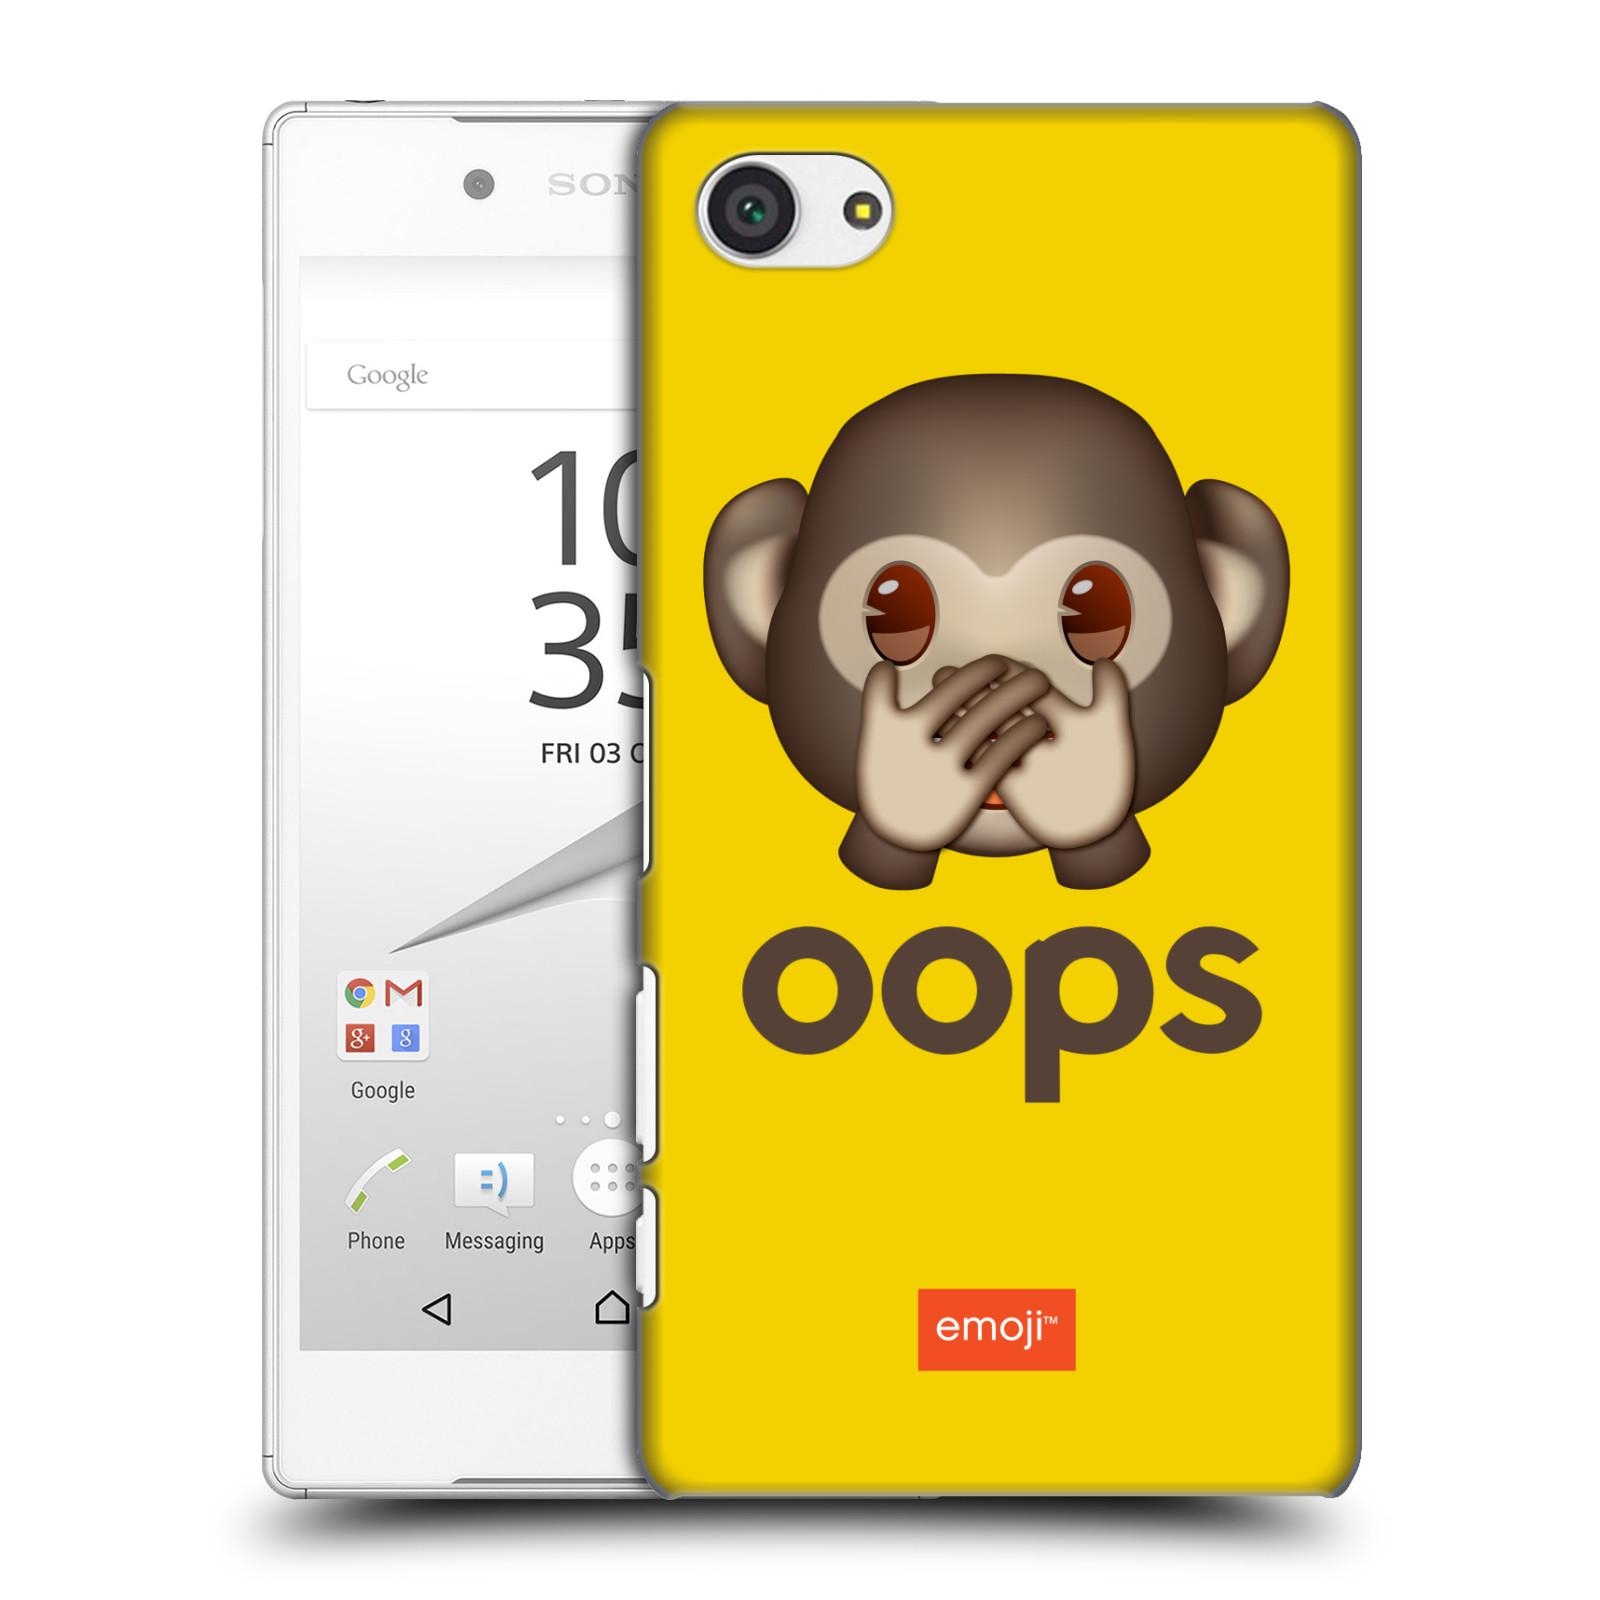 Plastové pouzdro na mobil Sony Xperia Z5 Compact HEAD CASE EMOJI - Opička OOPS